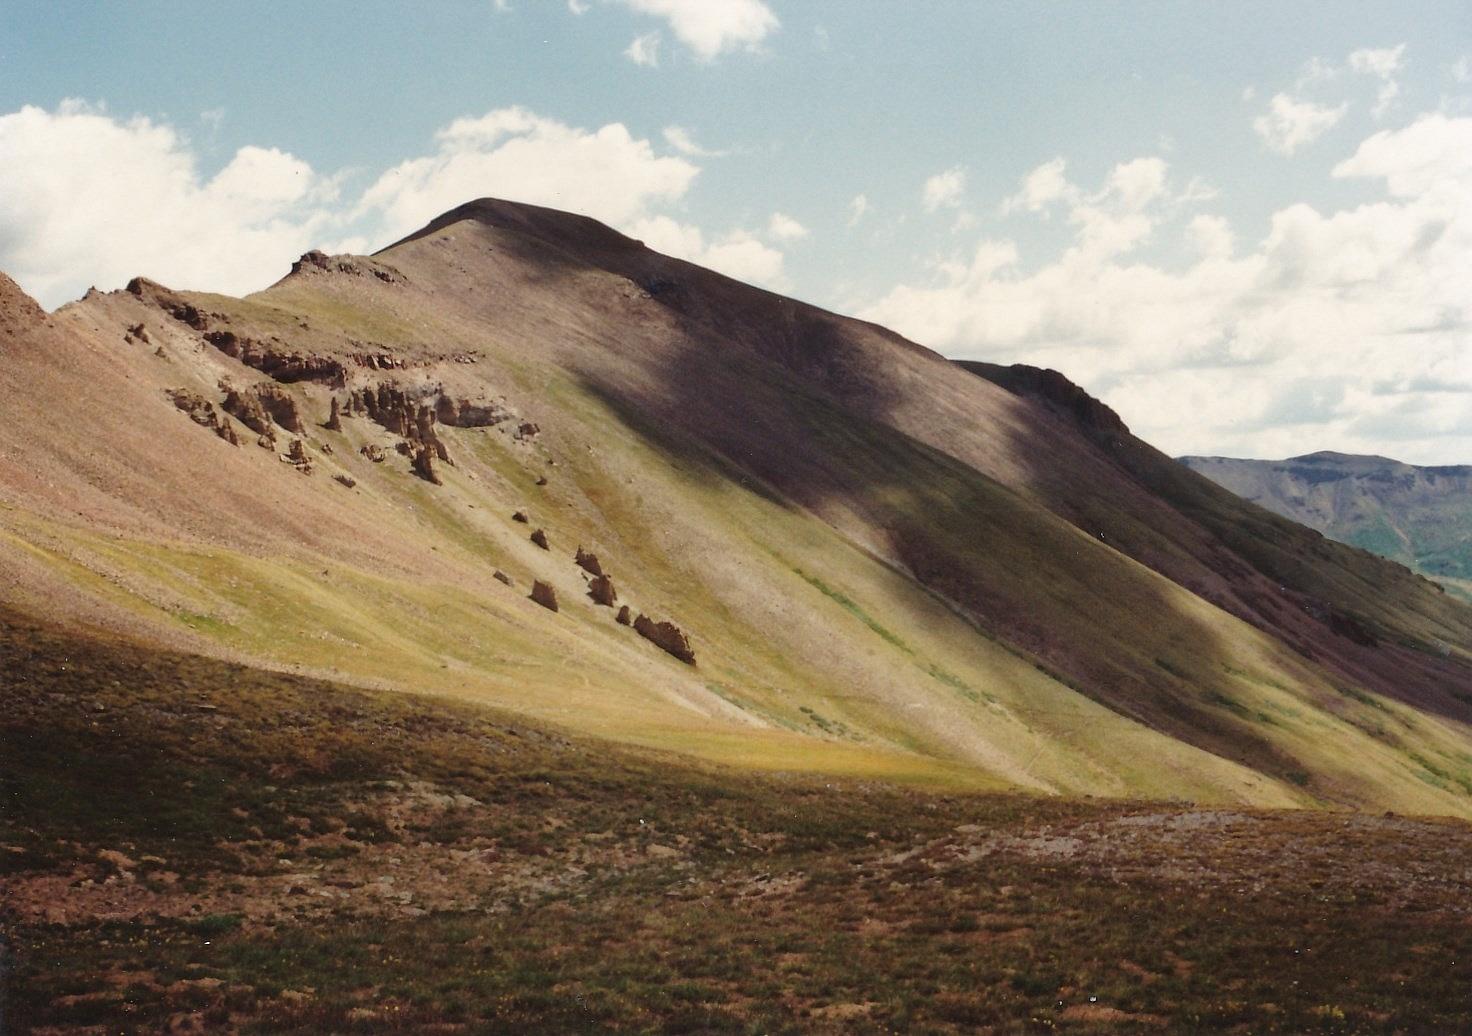 Carson Peak - 13,657